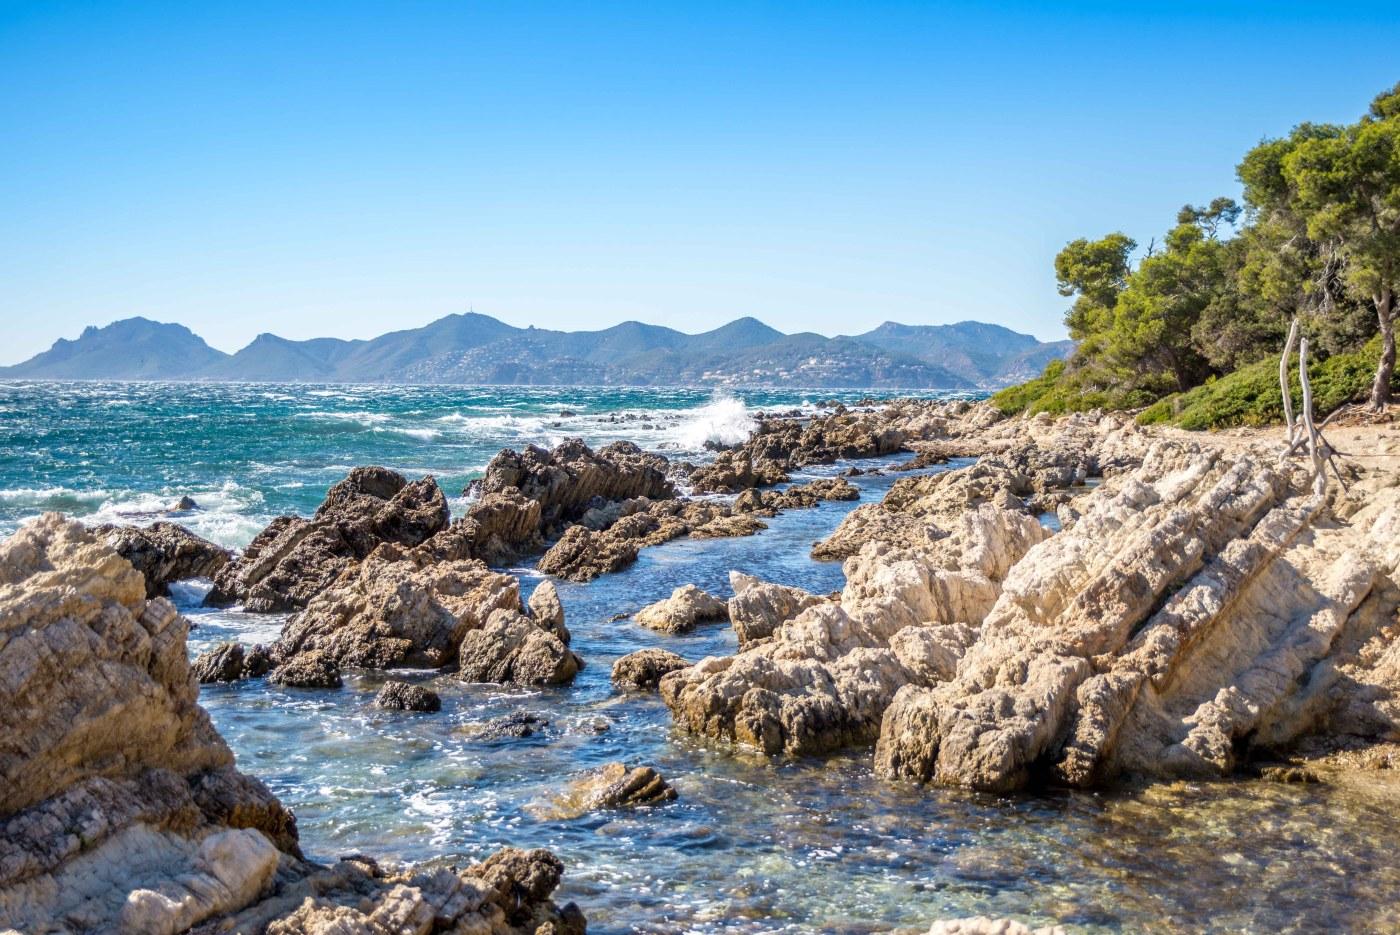 île Saint Honorat îles de Lérins cannes Provence alpes cote d'azur blog voyage ici et là-bas icietlabas